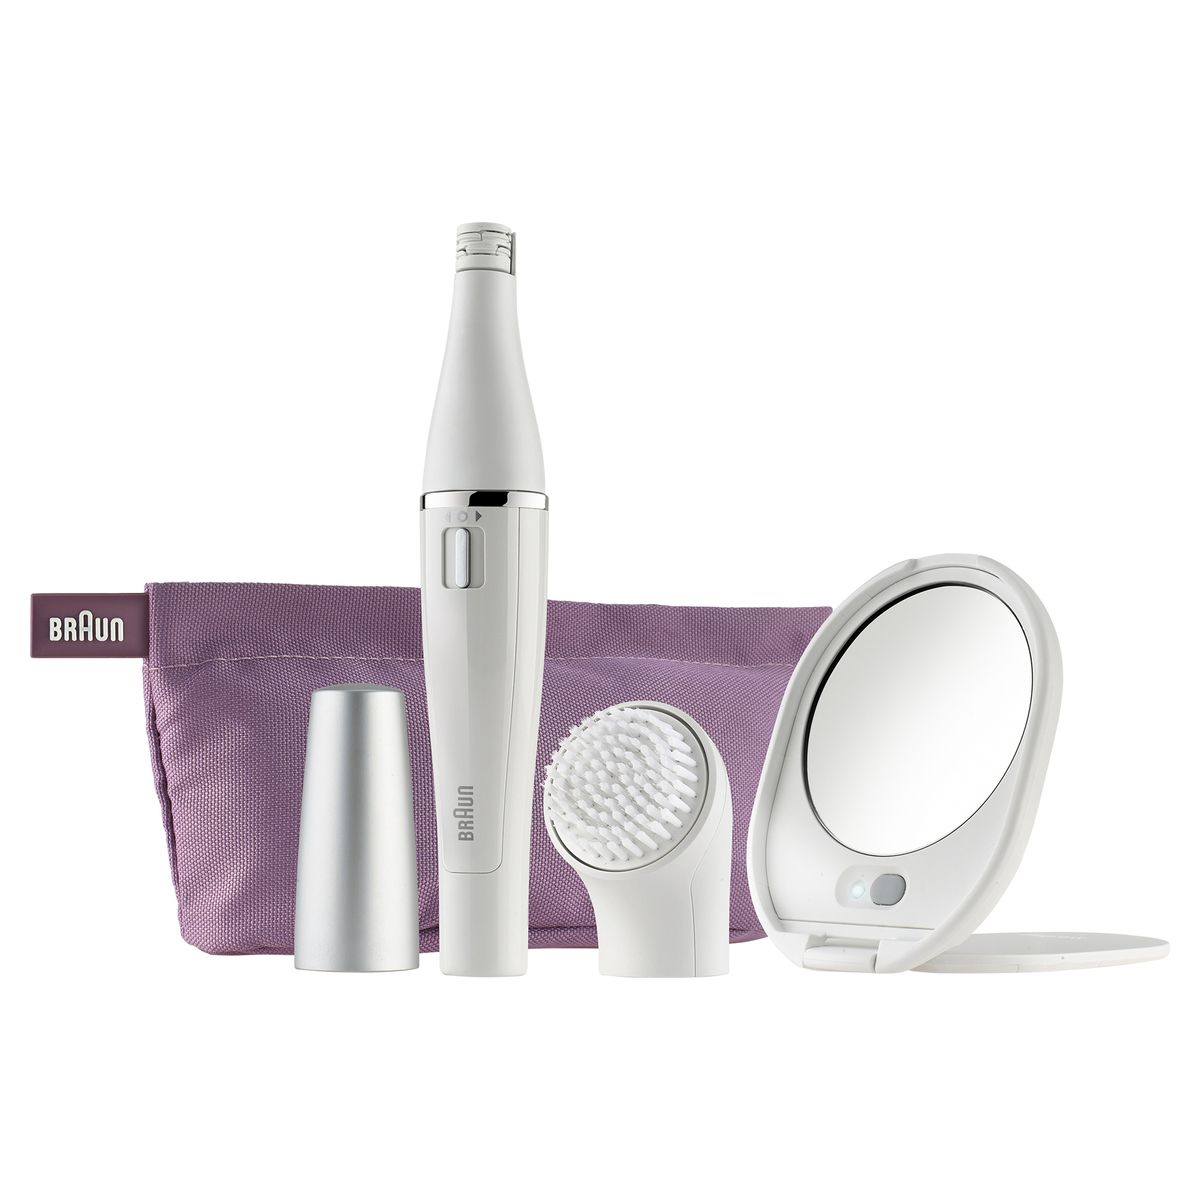 Kit soin du visage FACE SE830 : Epilateur visage + Brosse nettoyante + Miroir lumineux + Trousse + Accessoires